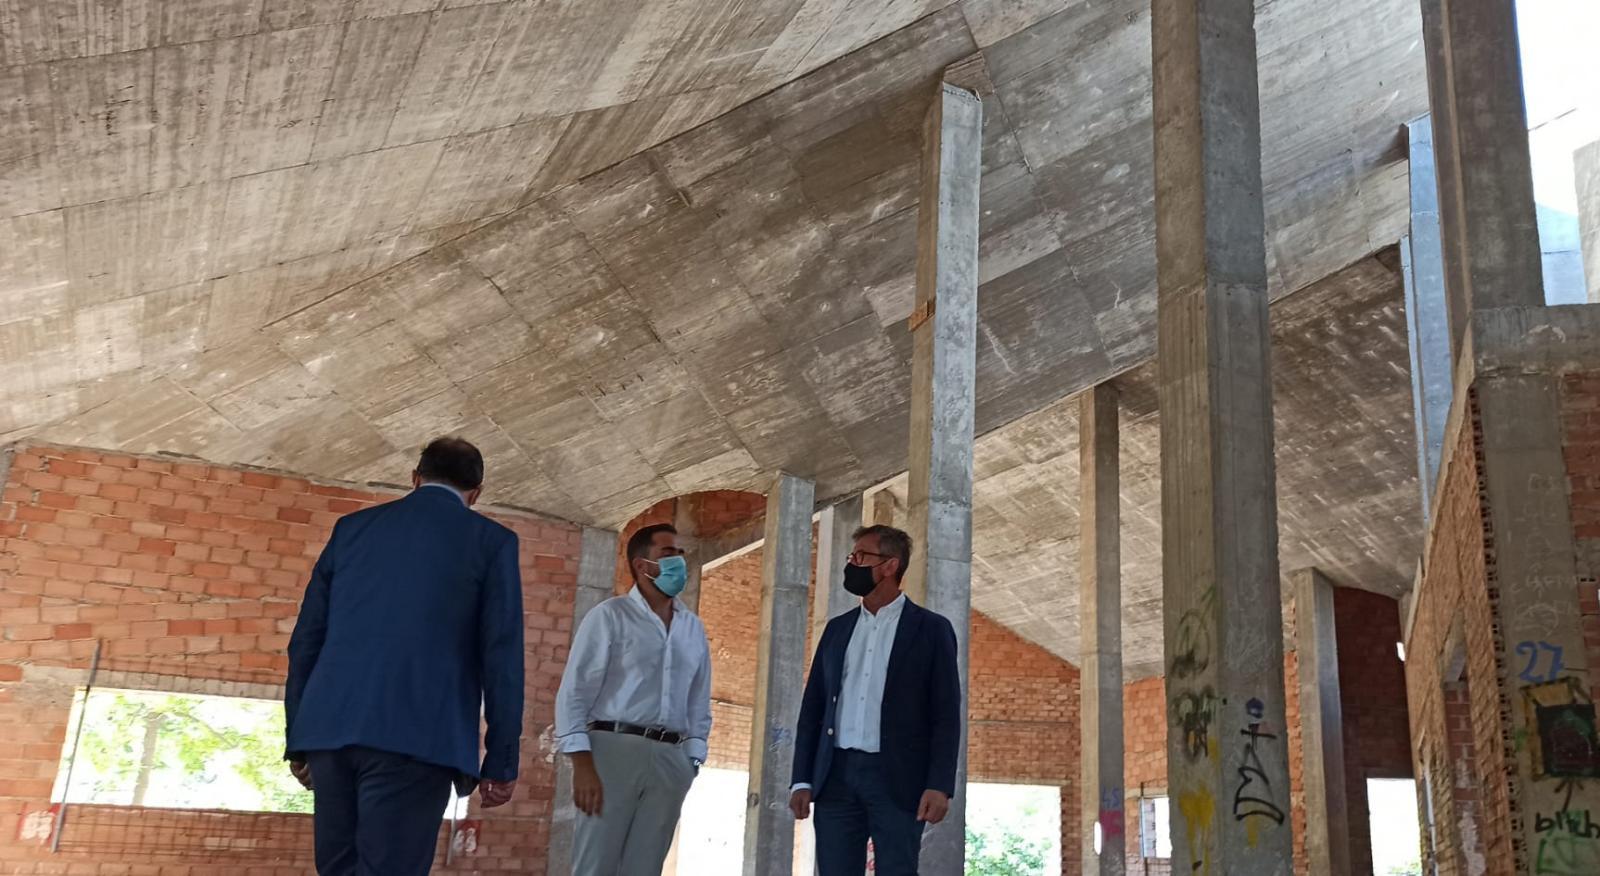 La Junta destaca el turismo activo y de naturaleza de Dílar como claves para la reactivación del sector